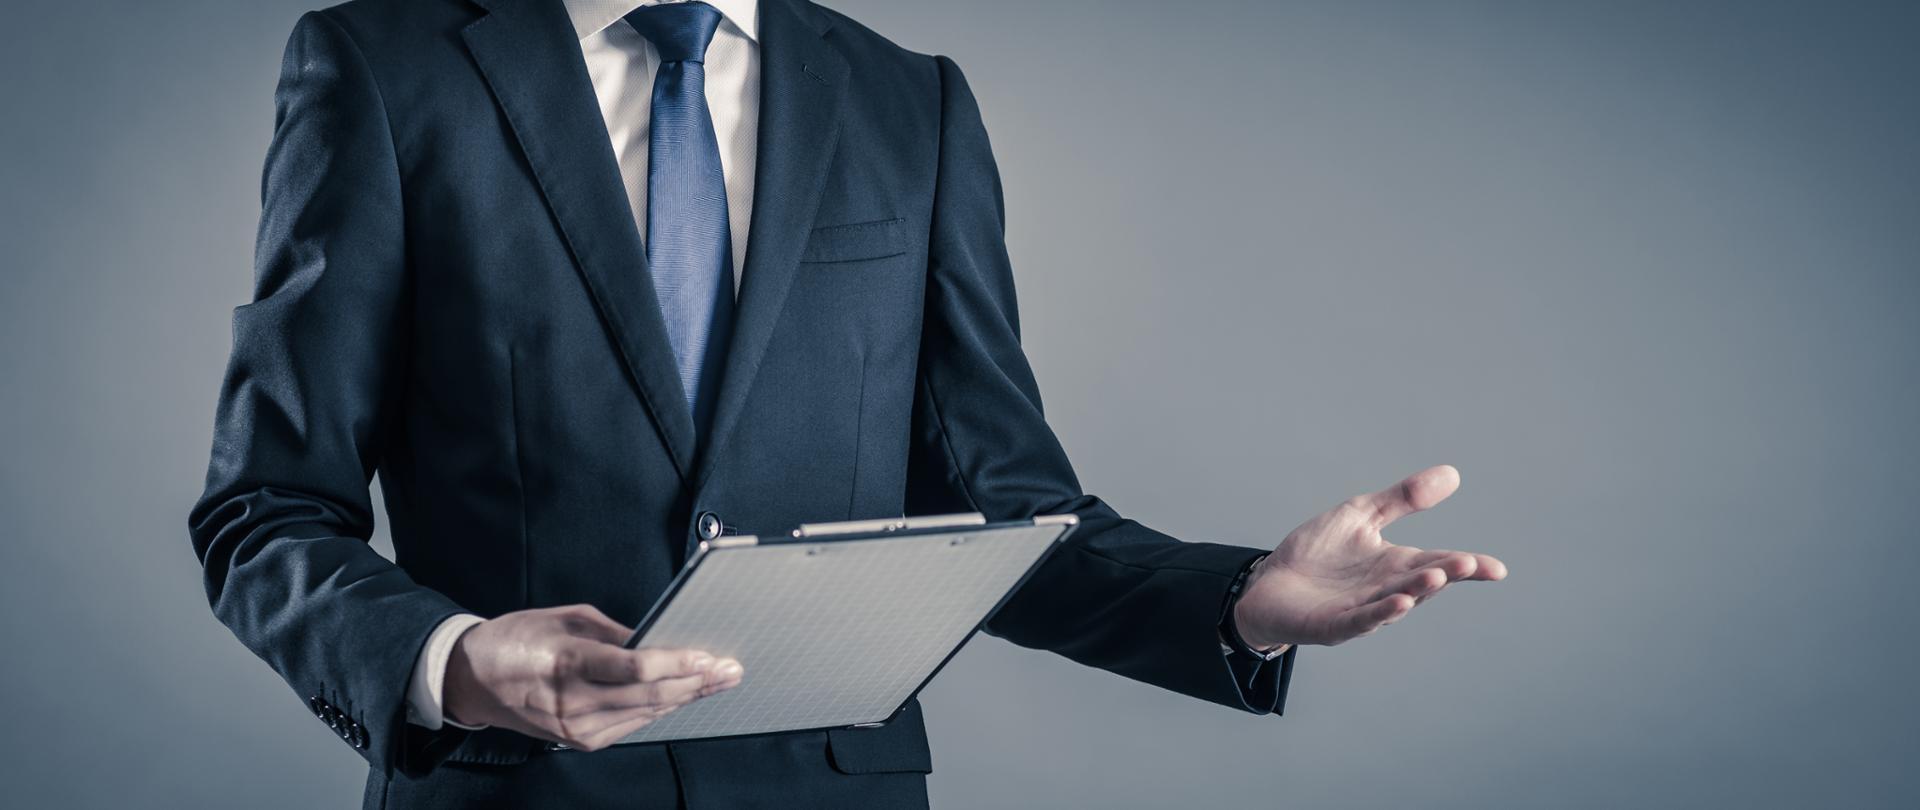 Elegancki mężczyzna w garniturze trzyma w prawym ręku deskę z klipsem